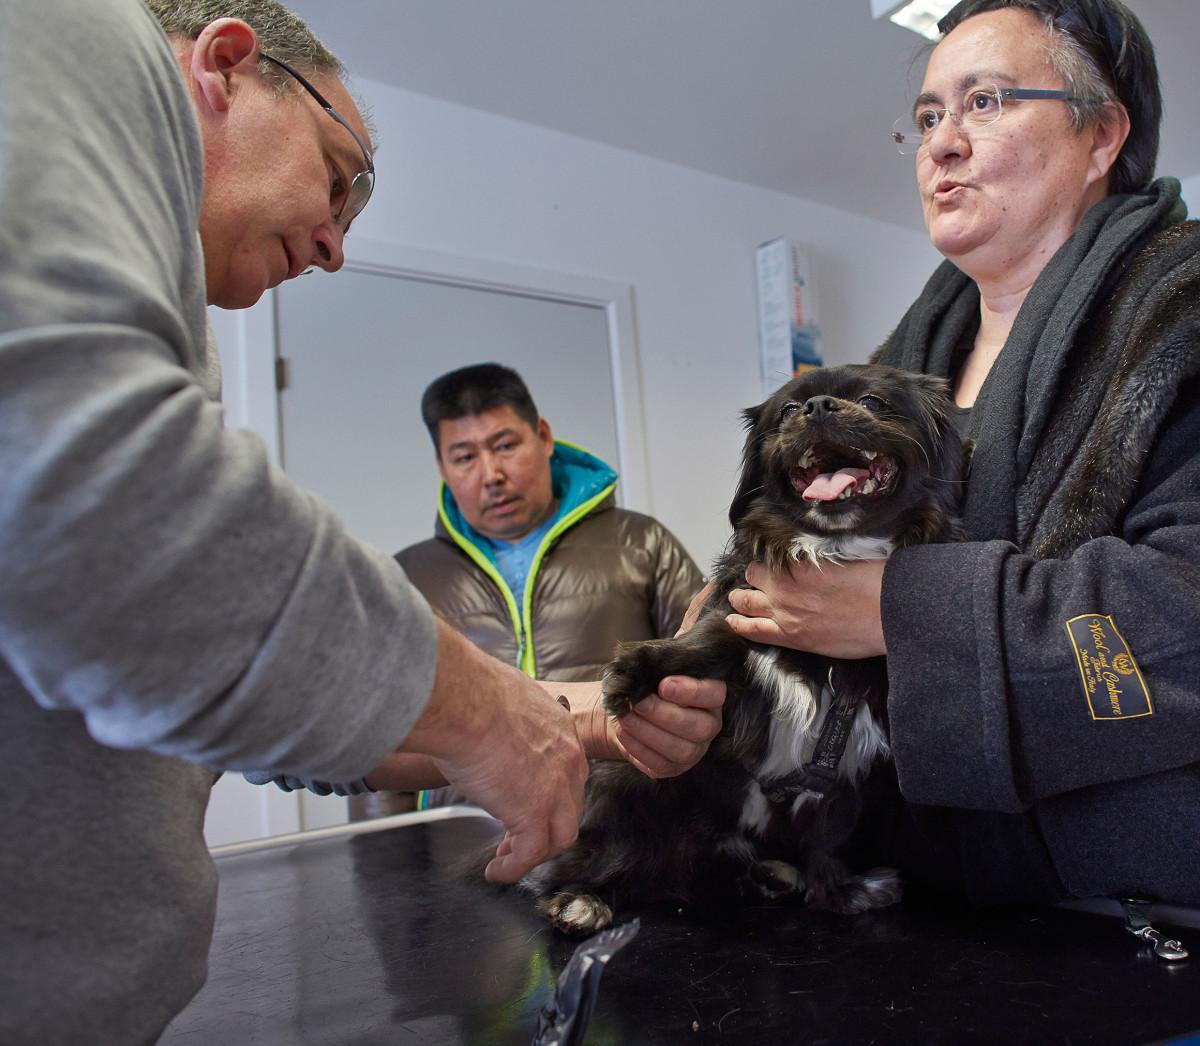 Dyrlæge Jens Eslau, undersøger hunden MIO, Birthe Lynge holder den og Knud Lynge kigger på